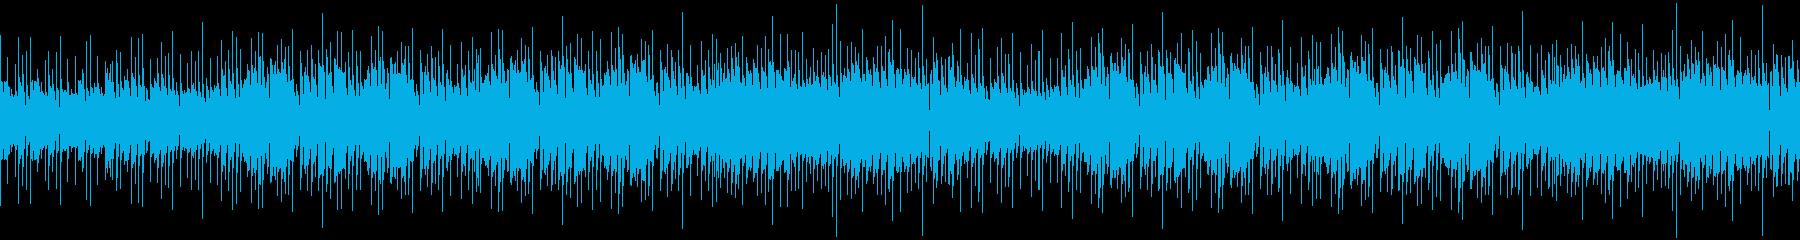 活気のあるエレキのアルペジオの再生済みの波形